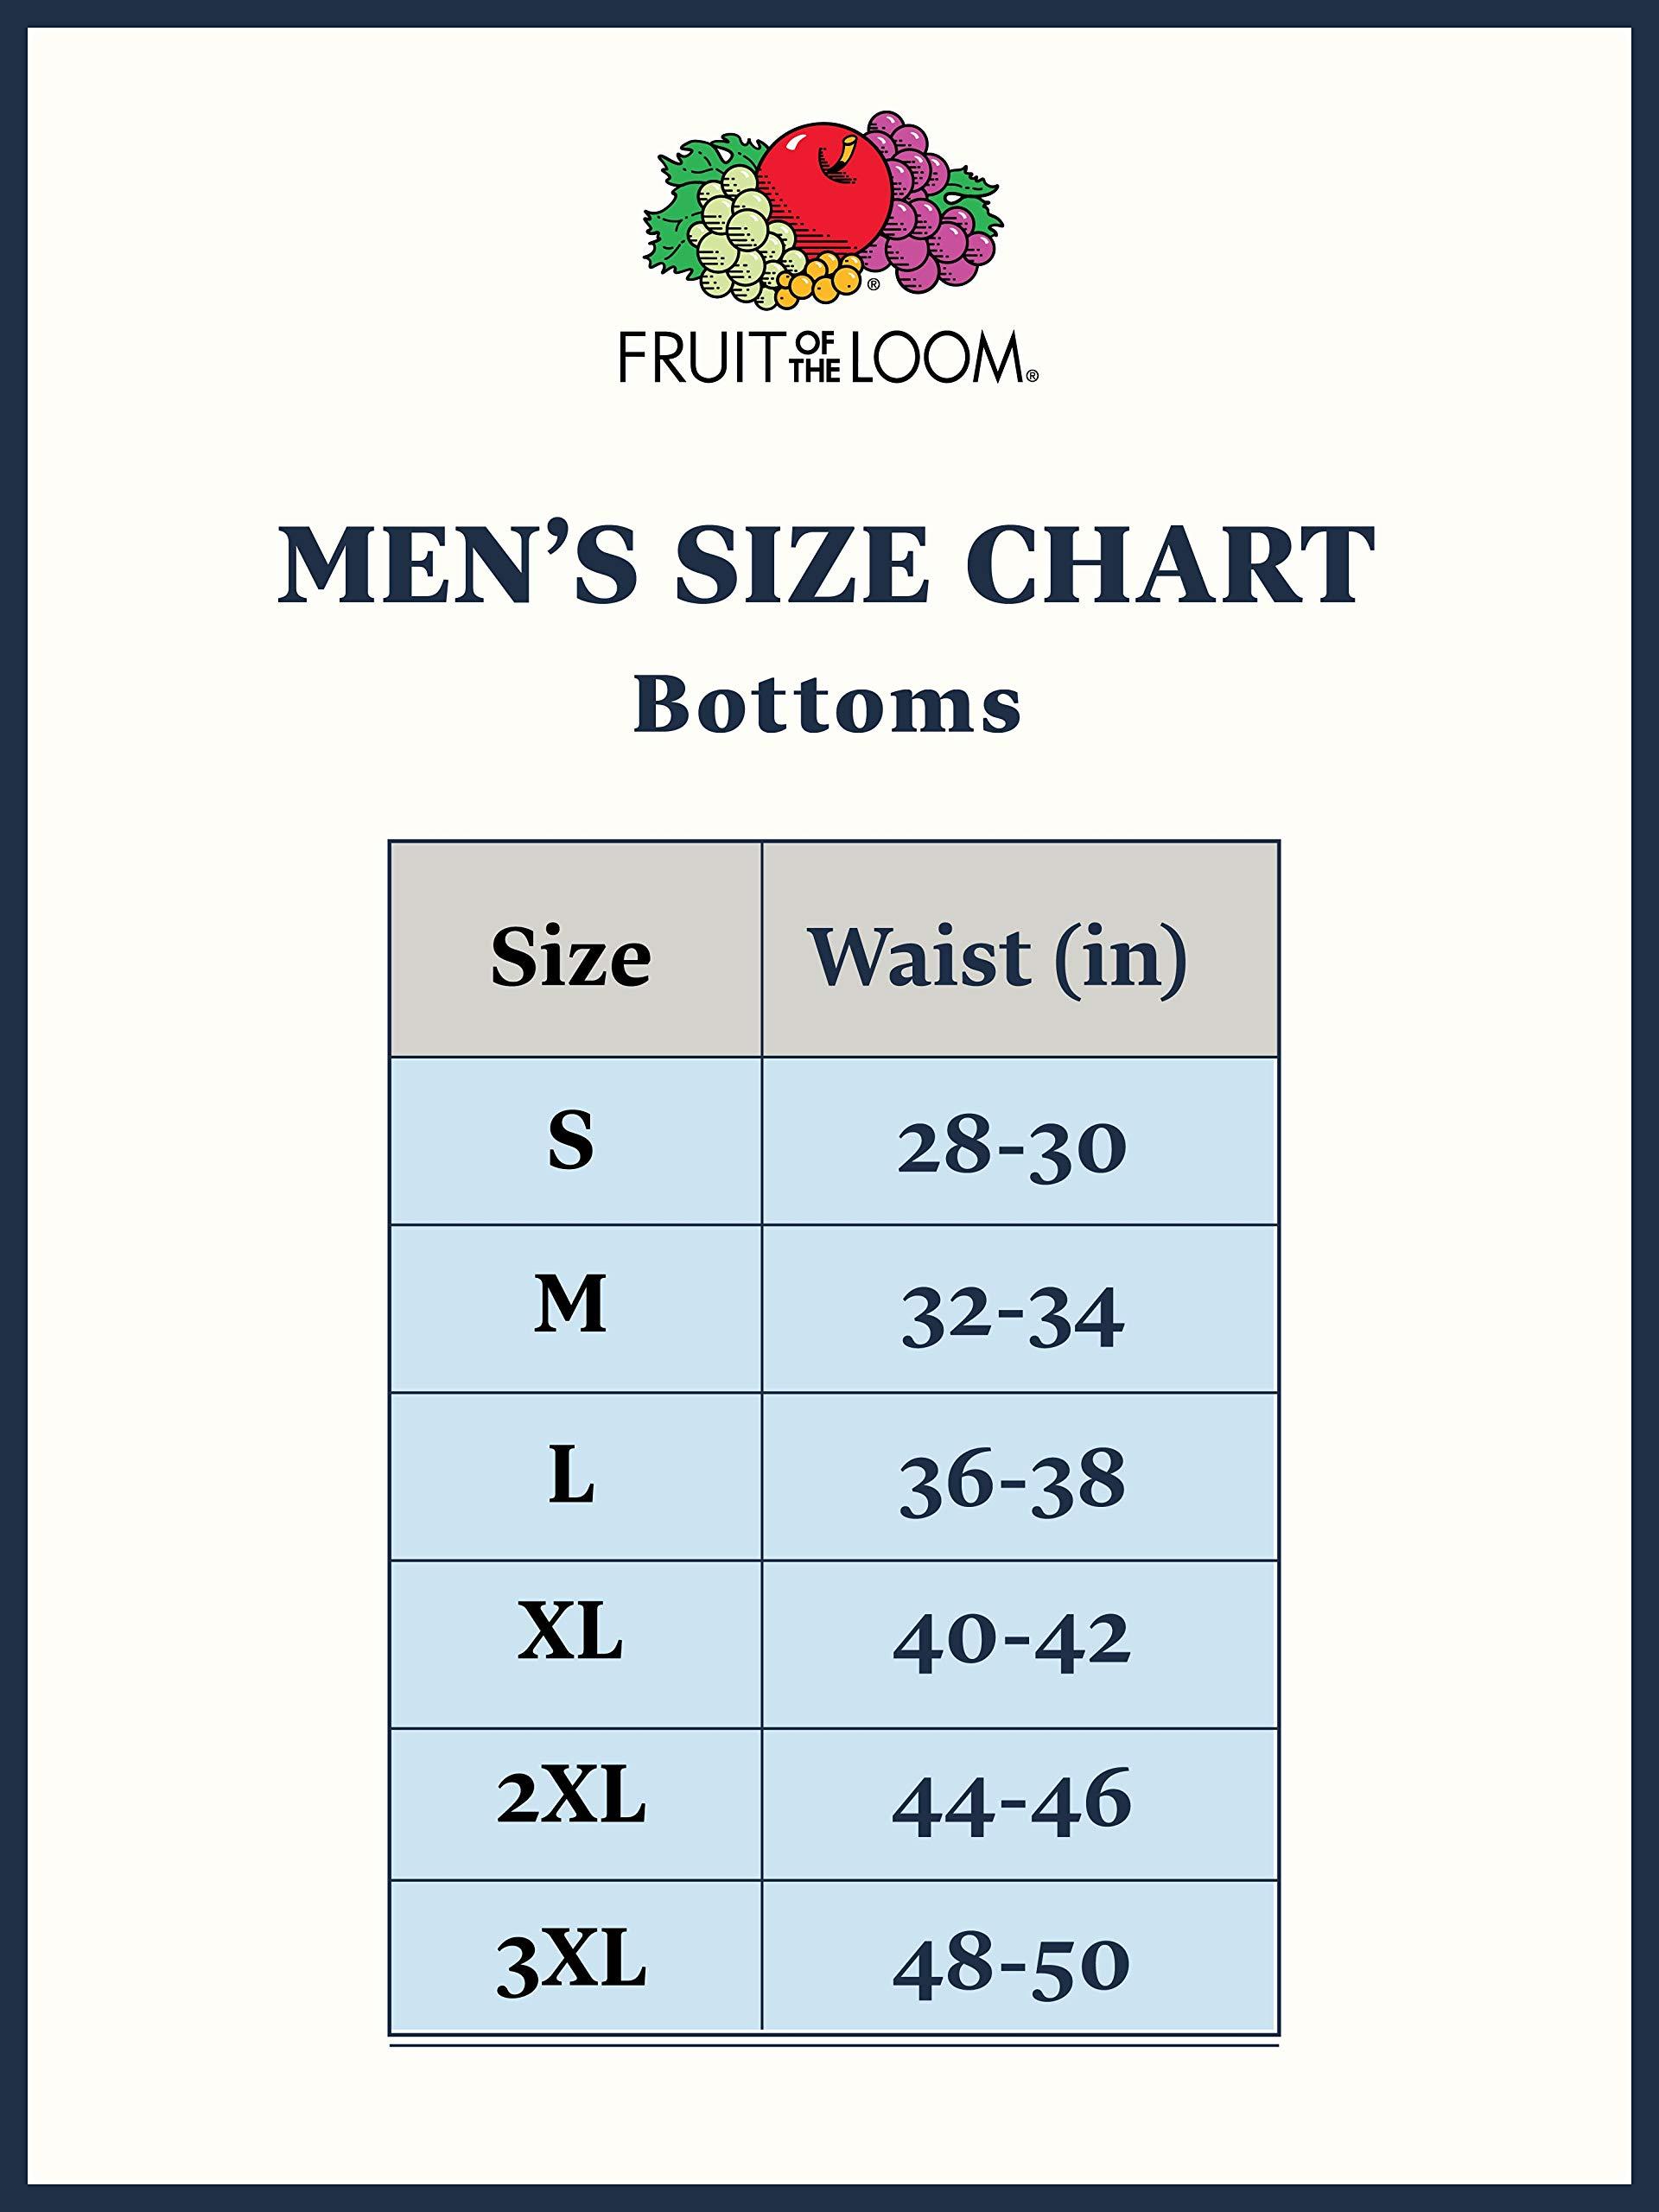 Fruit of the Loom Everlight – Calzoncillos bóxer para Hombre (3 Unidades)